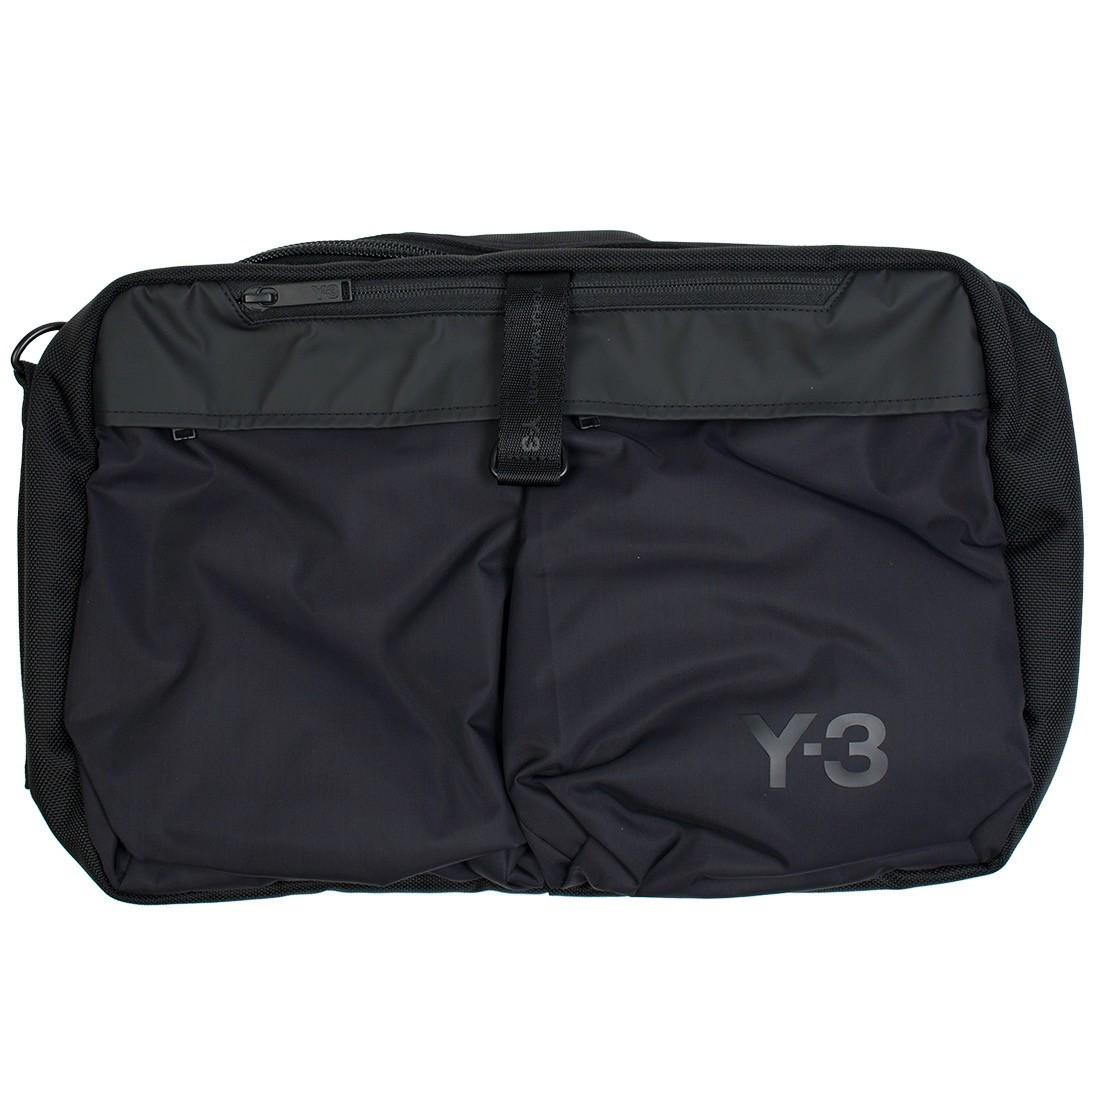 Adidas Y-3 Holdall Bag (black)